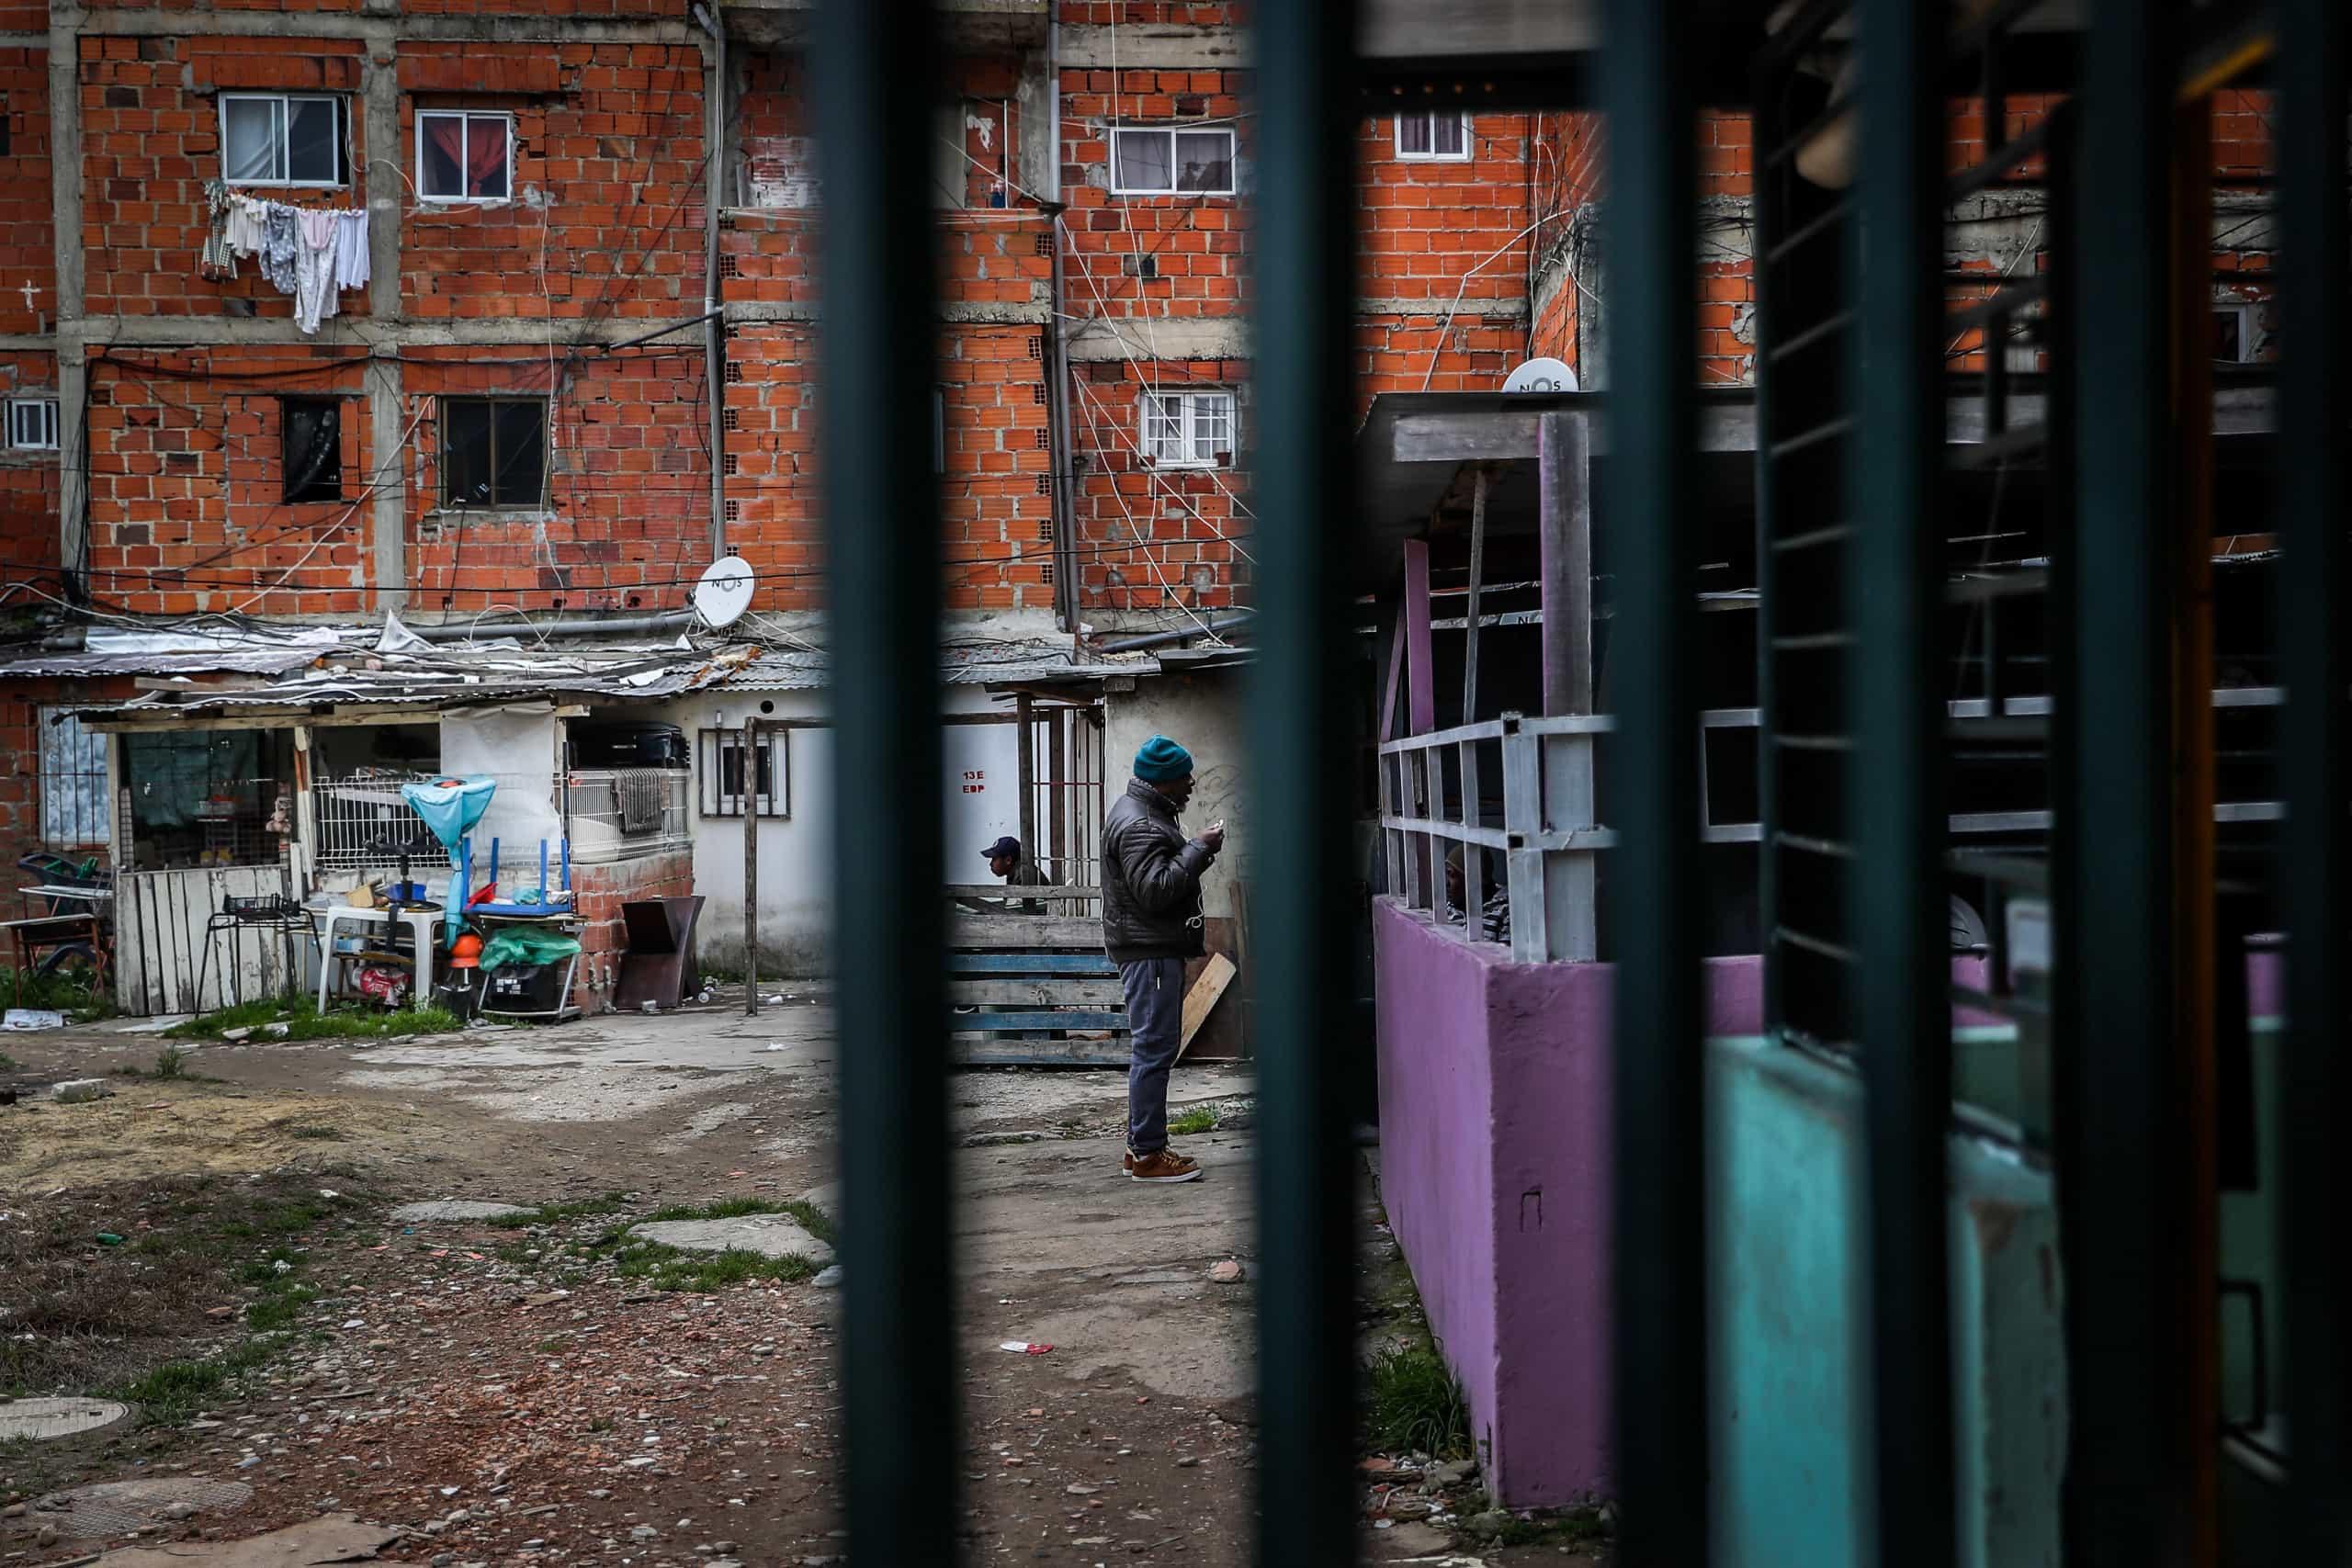 Bairro da Jamaica: MP pede pena suspensa ou multa para detidos em manif